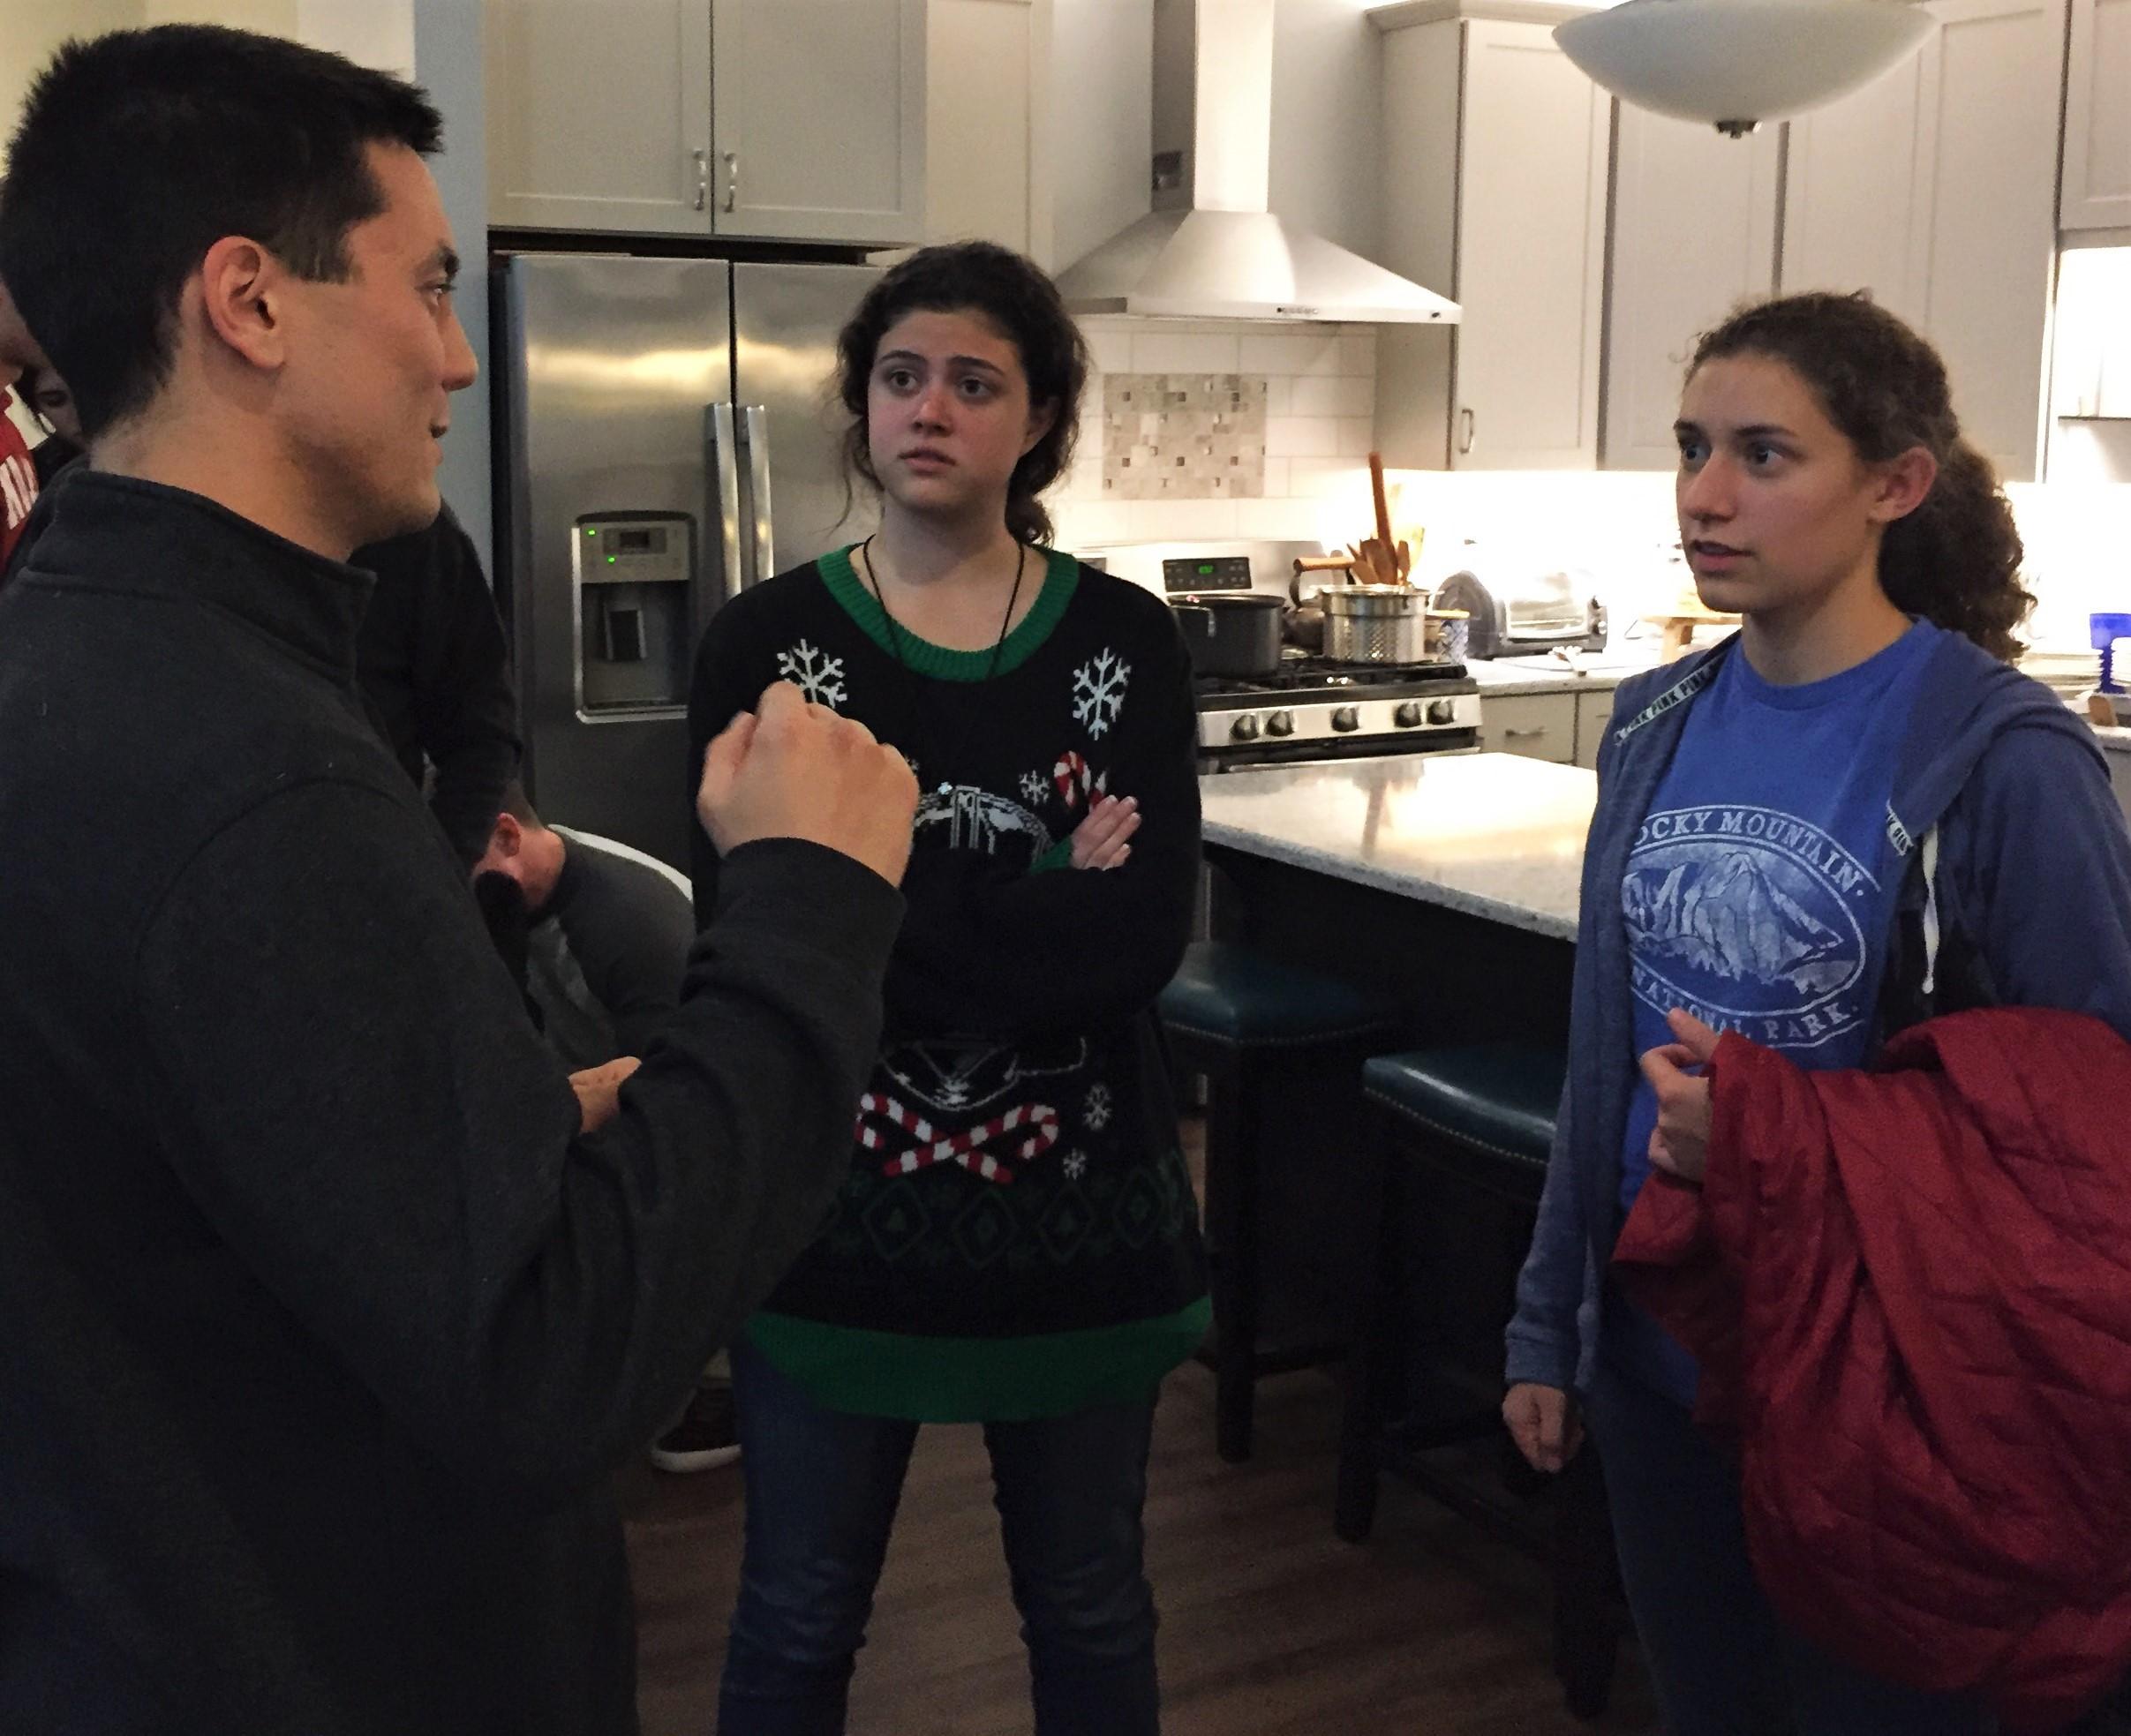 Aaron explains a trick MMA move